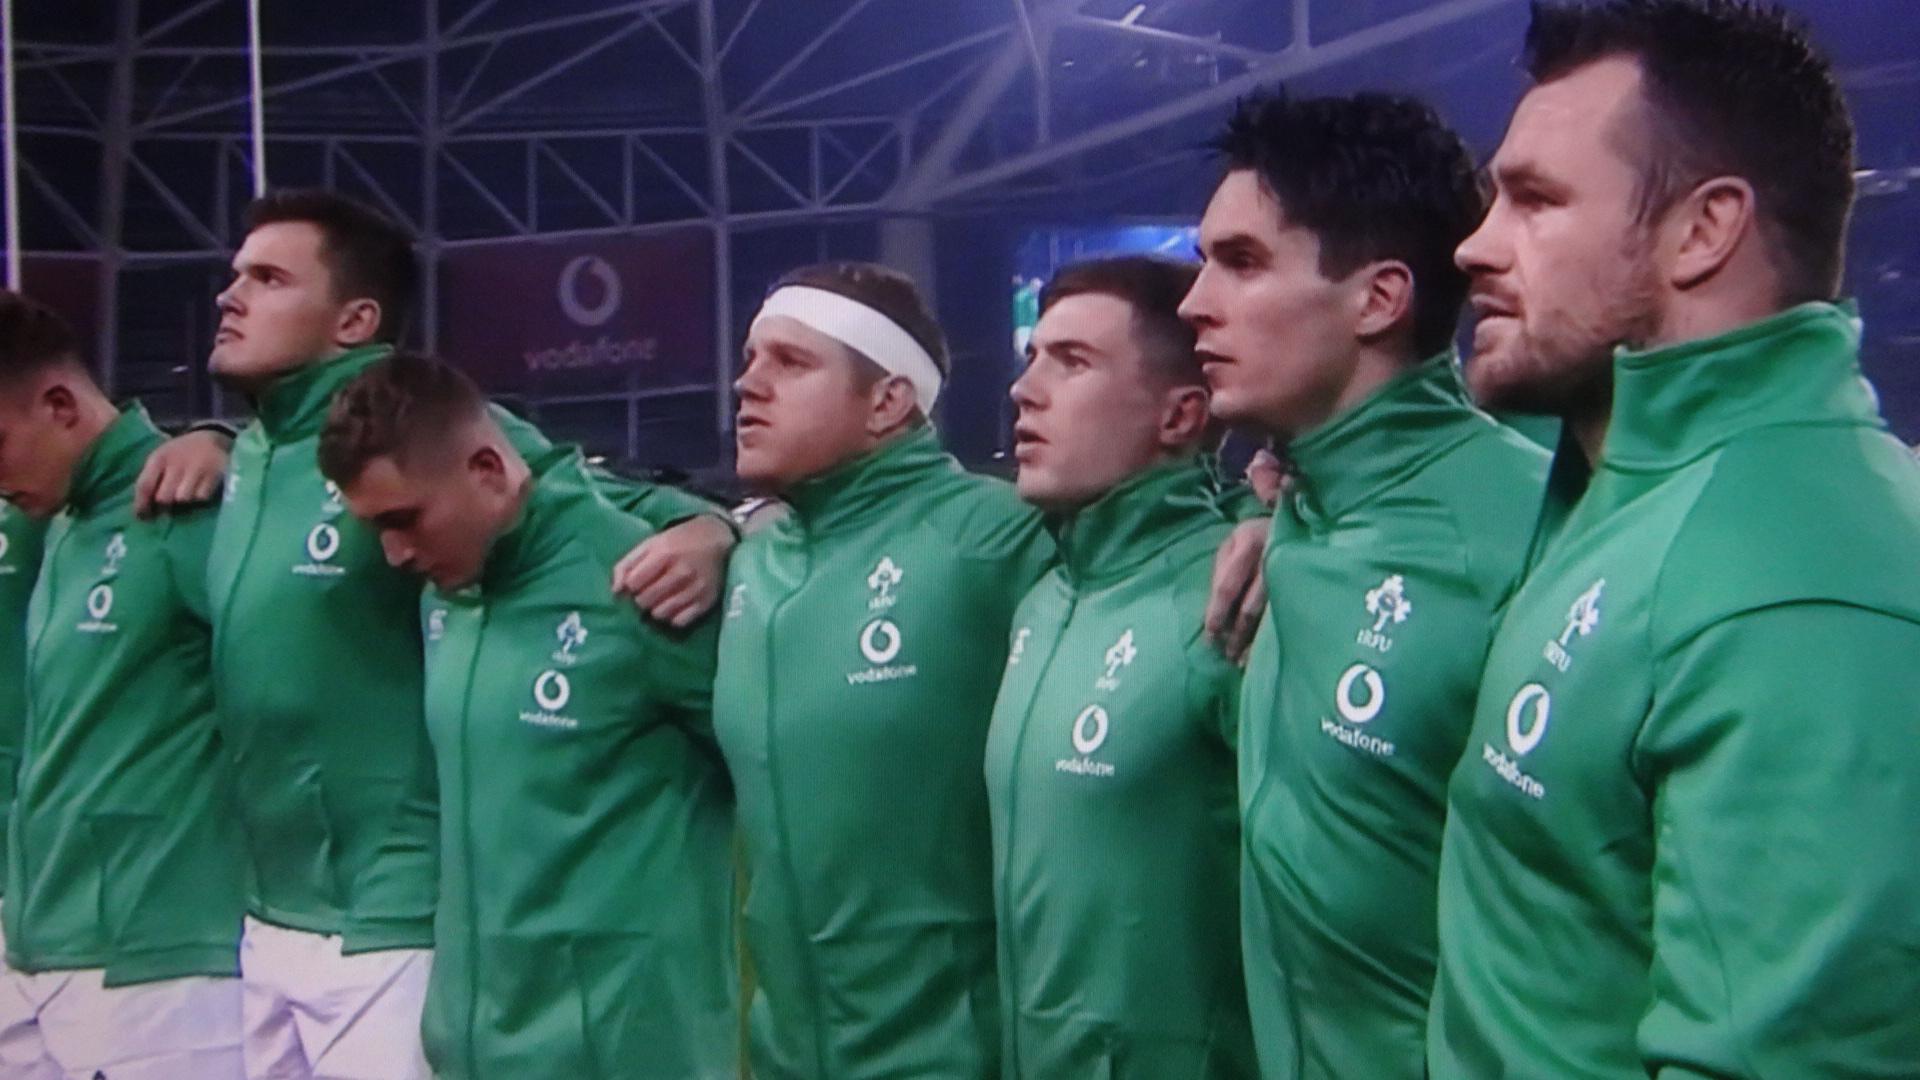 迎え撃つアイルランドの選手たち